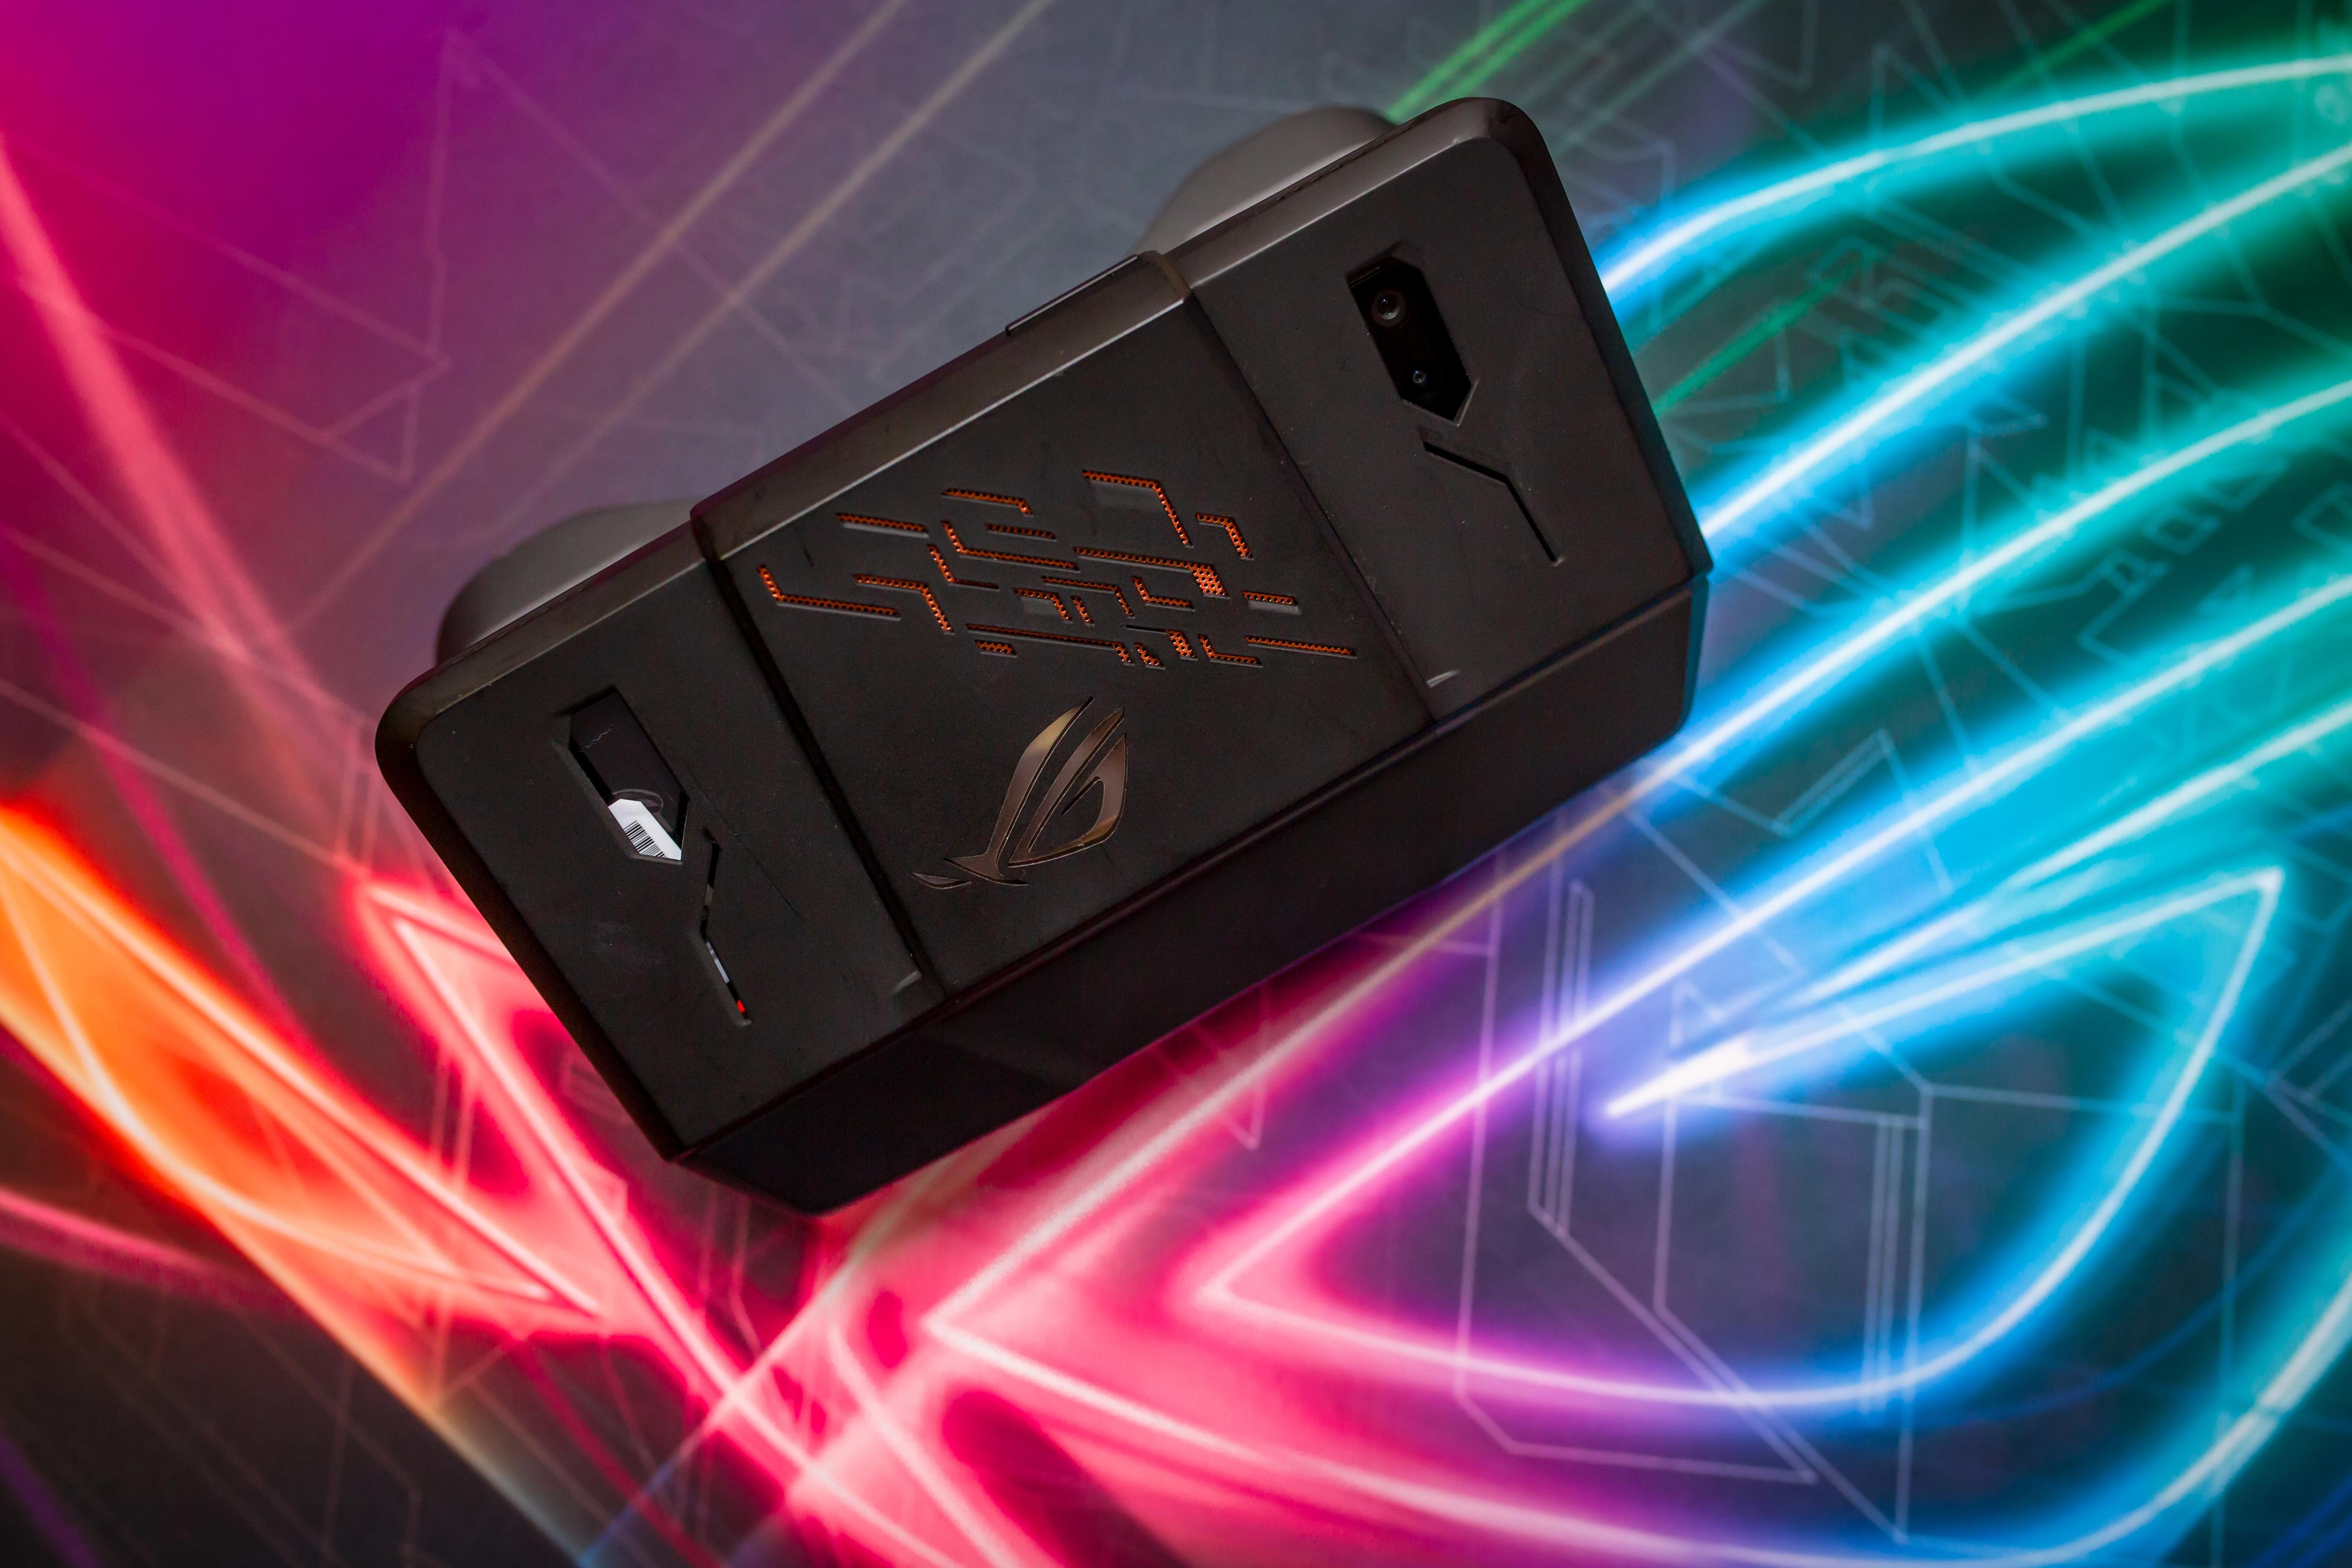 Первый взгляд на геймерский смартфон ASUS ROG Phone / Блог ... Док Геймеры